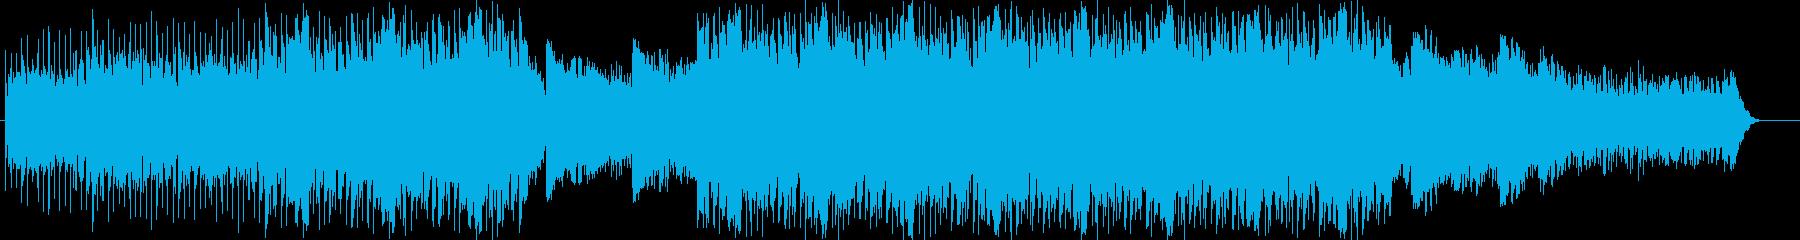 ソフトで静かな雰囲気のあるBGMの再生済みの波形